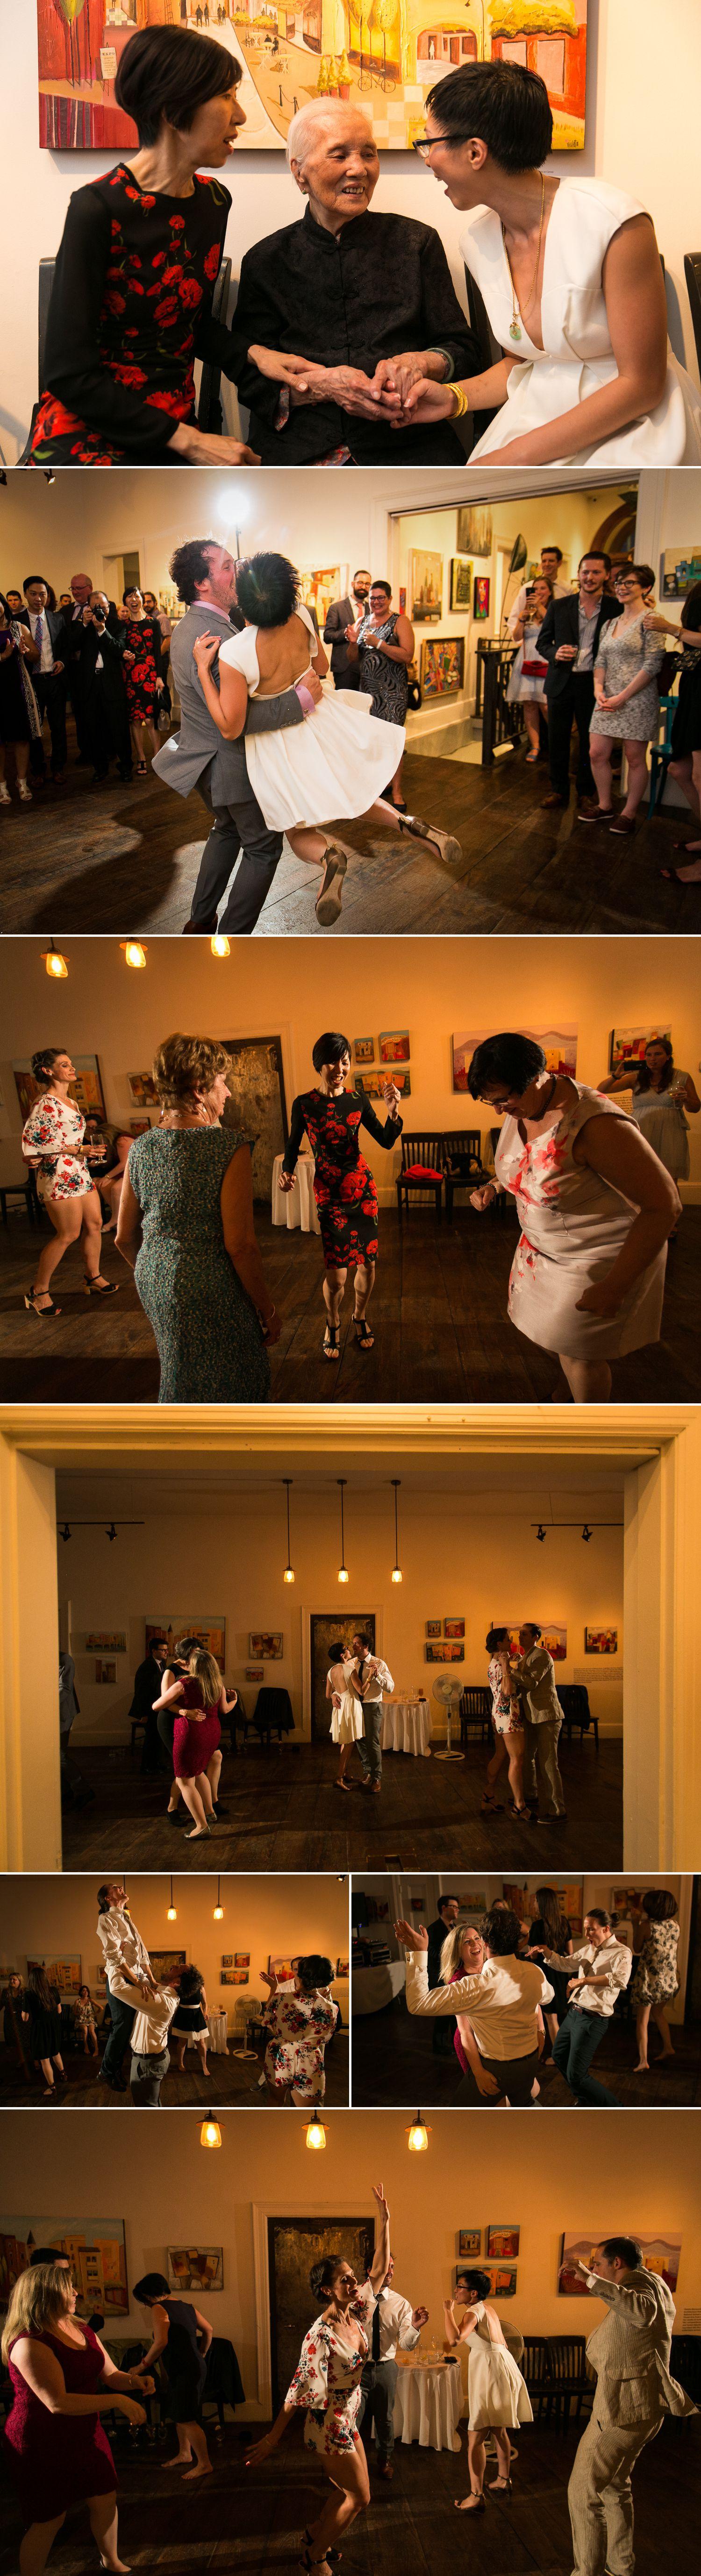 Their wedding reception at the Orange Art Galley in Ottawa's Centretown